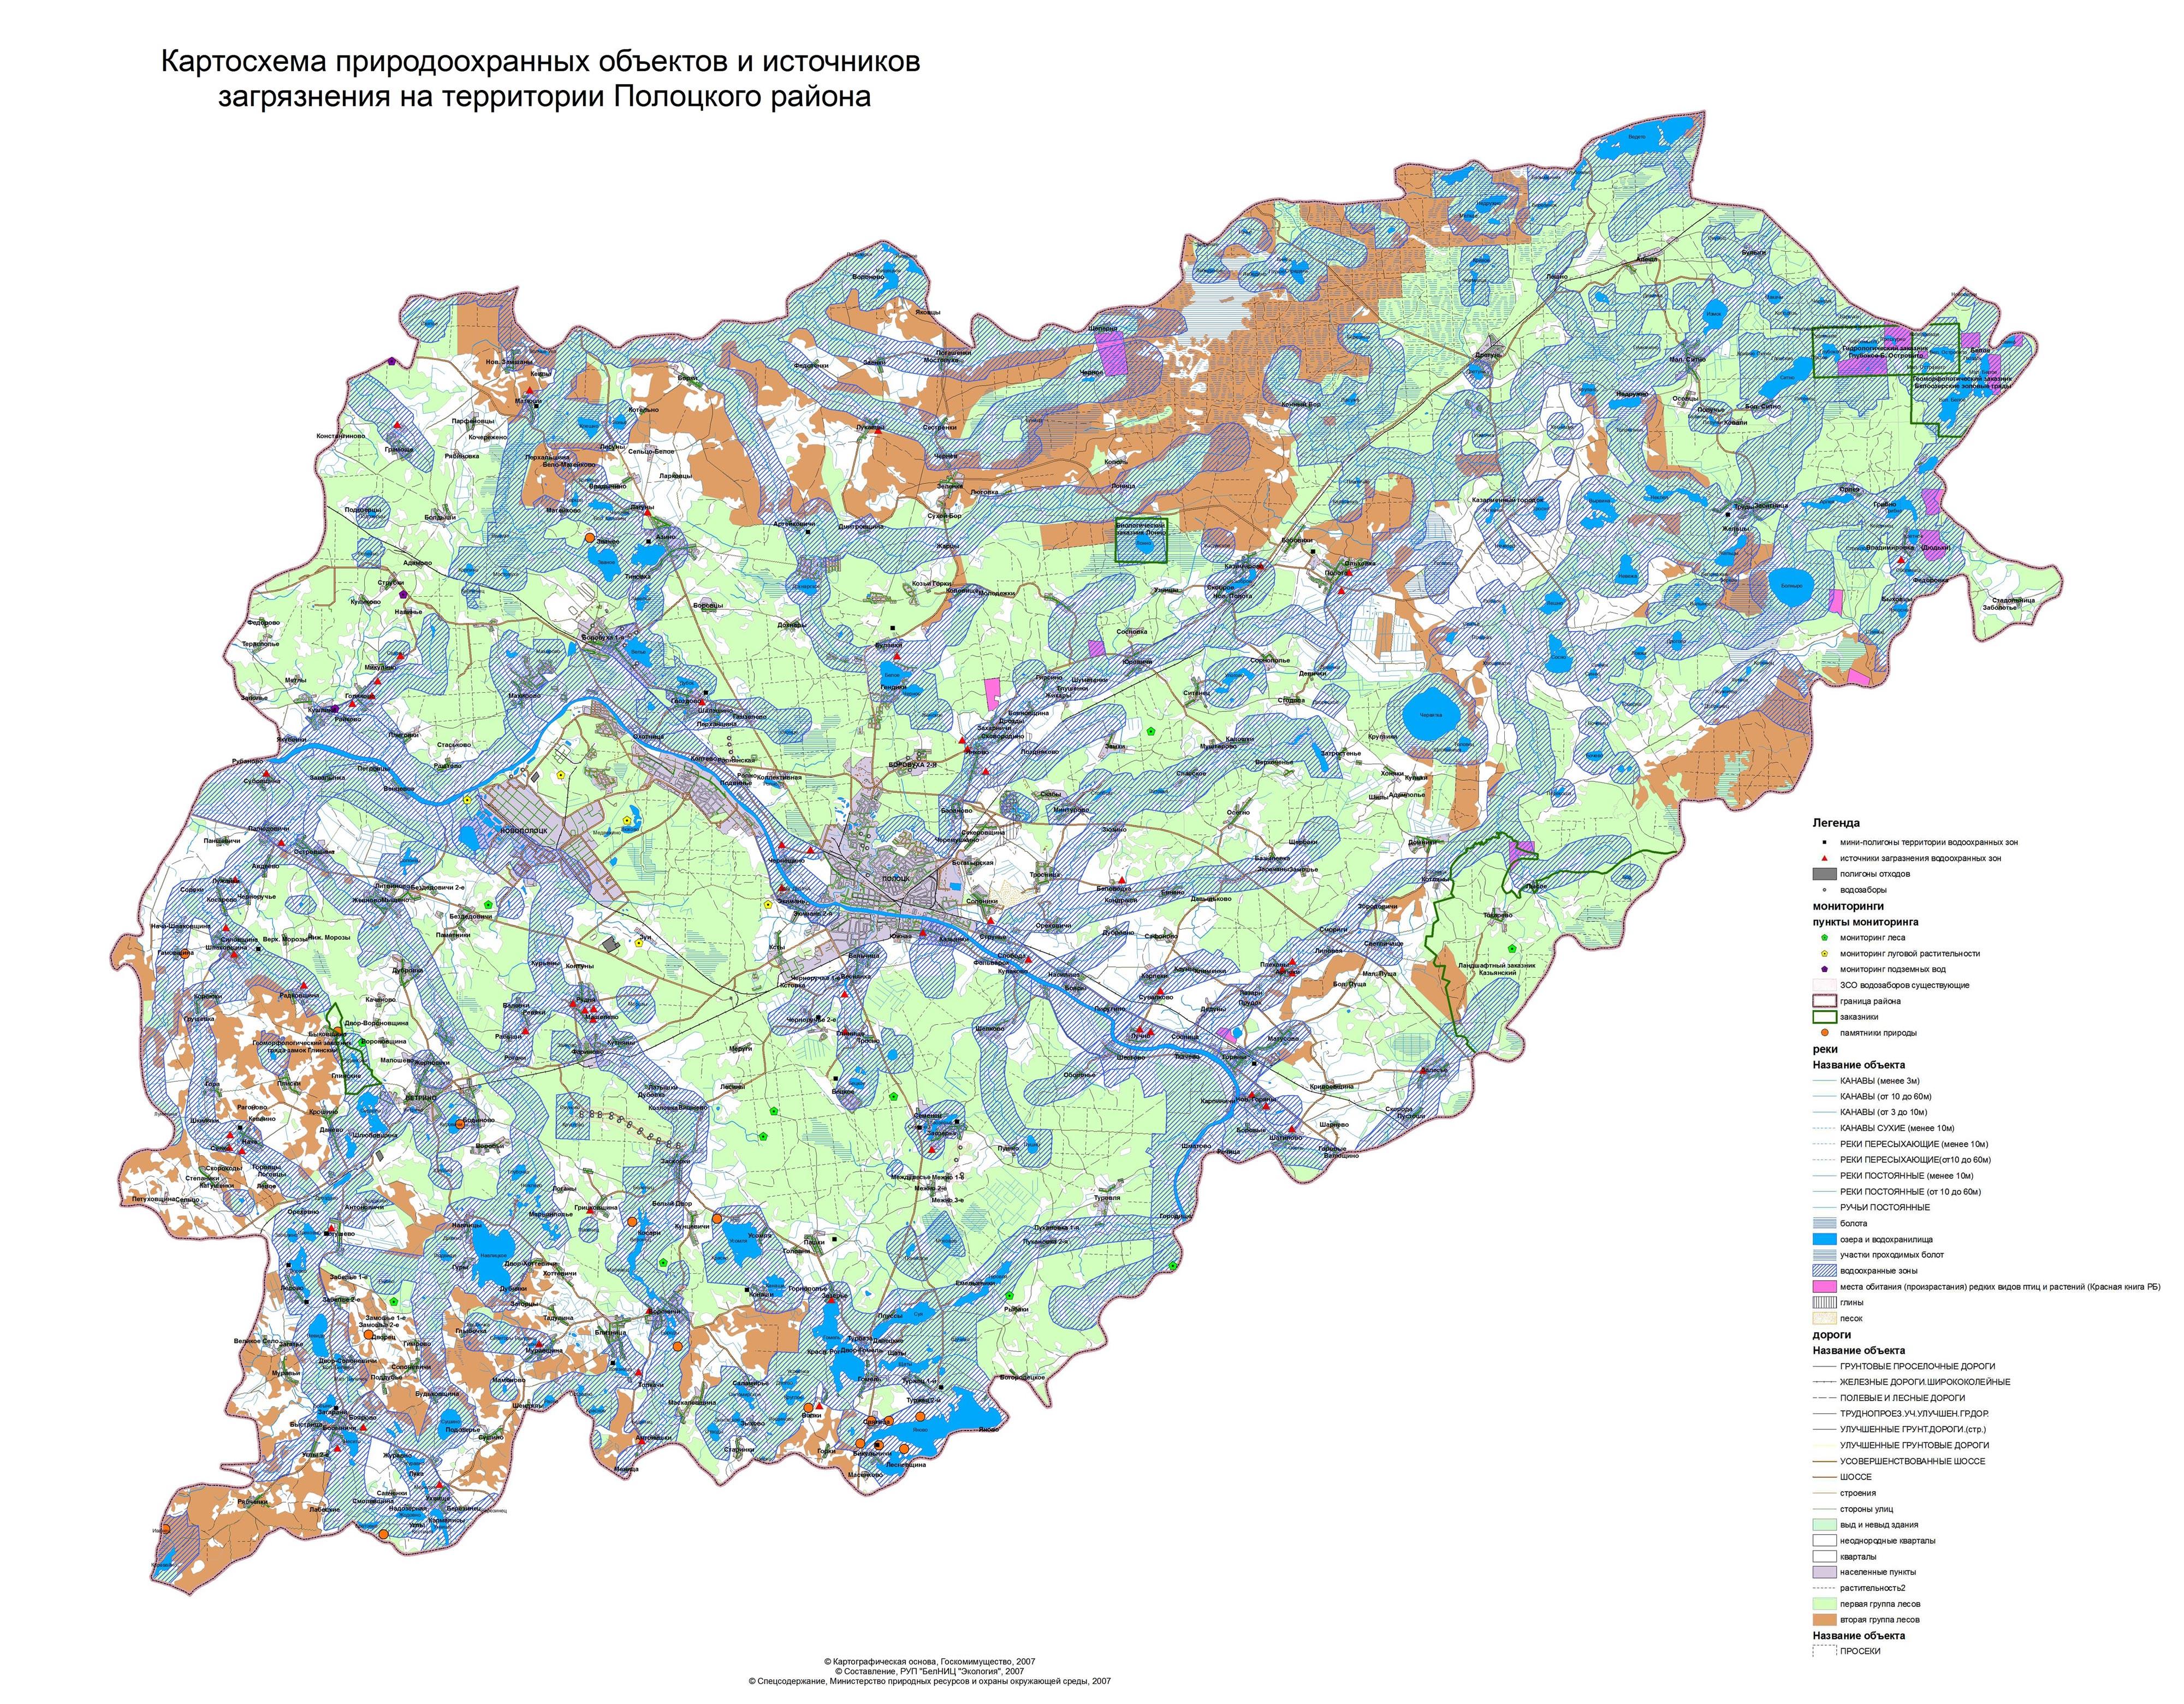 Картосхема размещения водоохранных